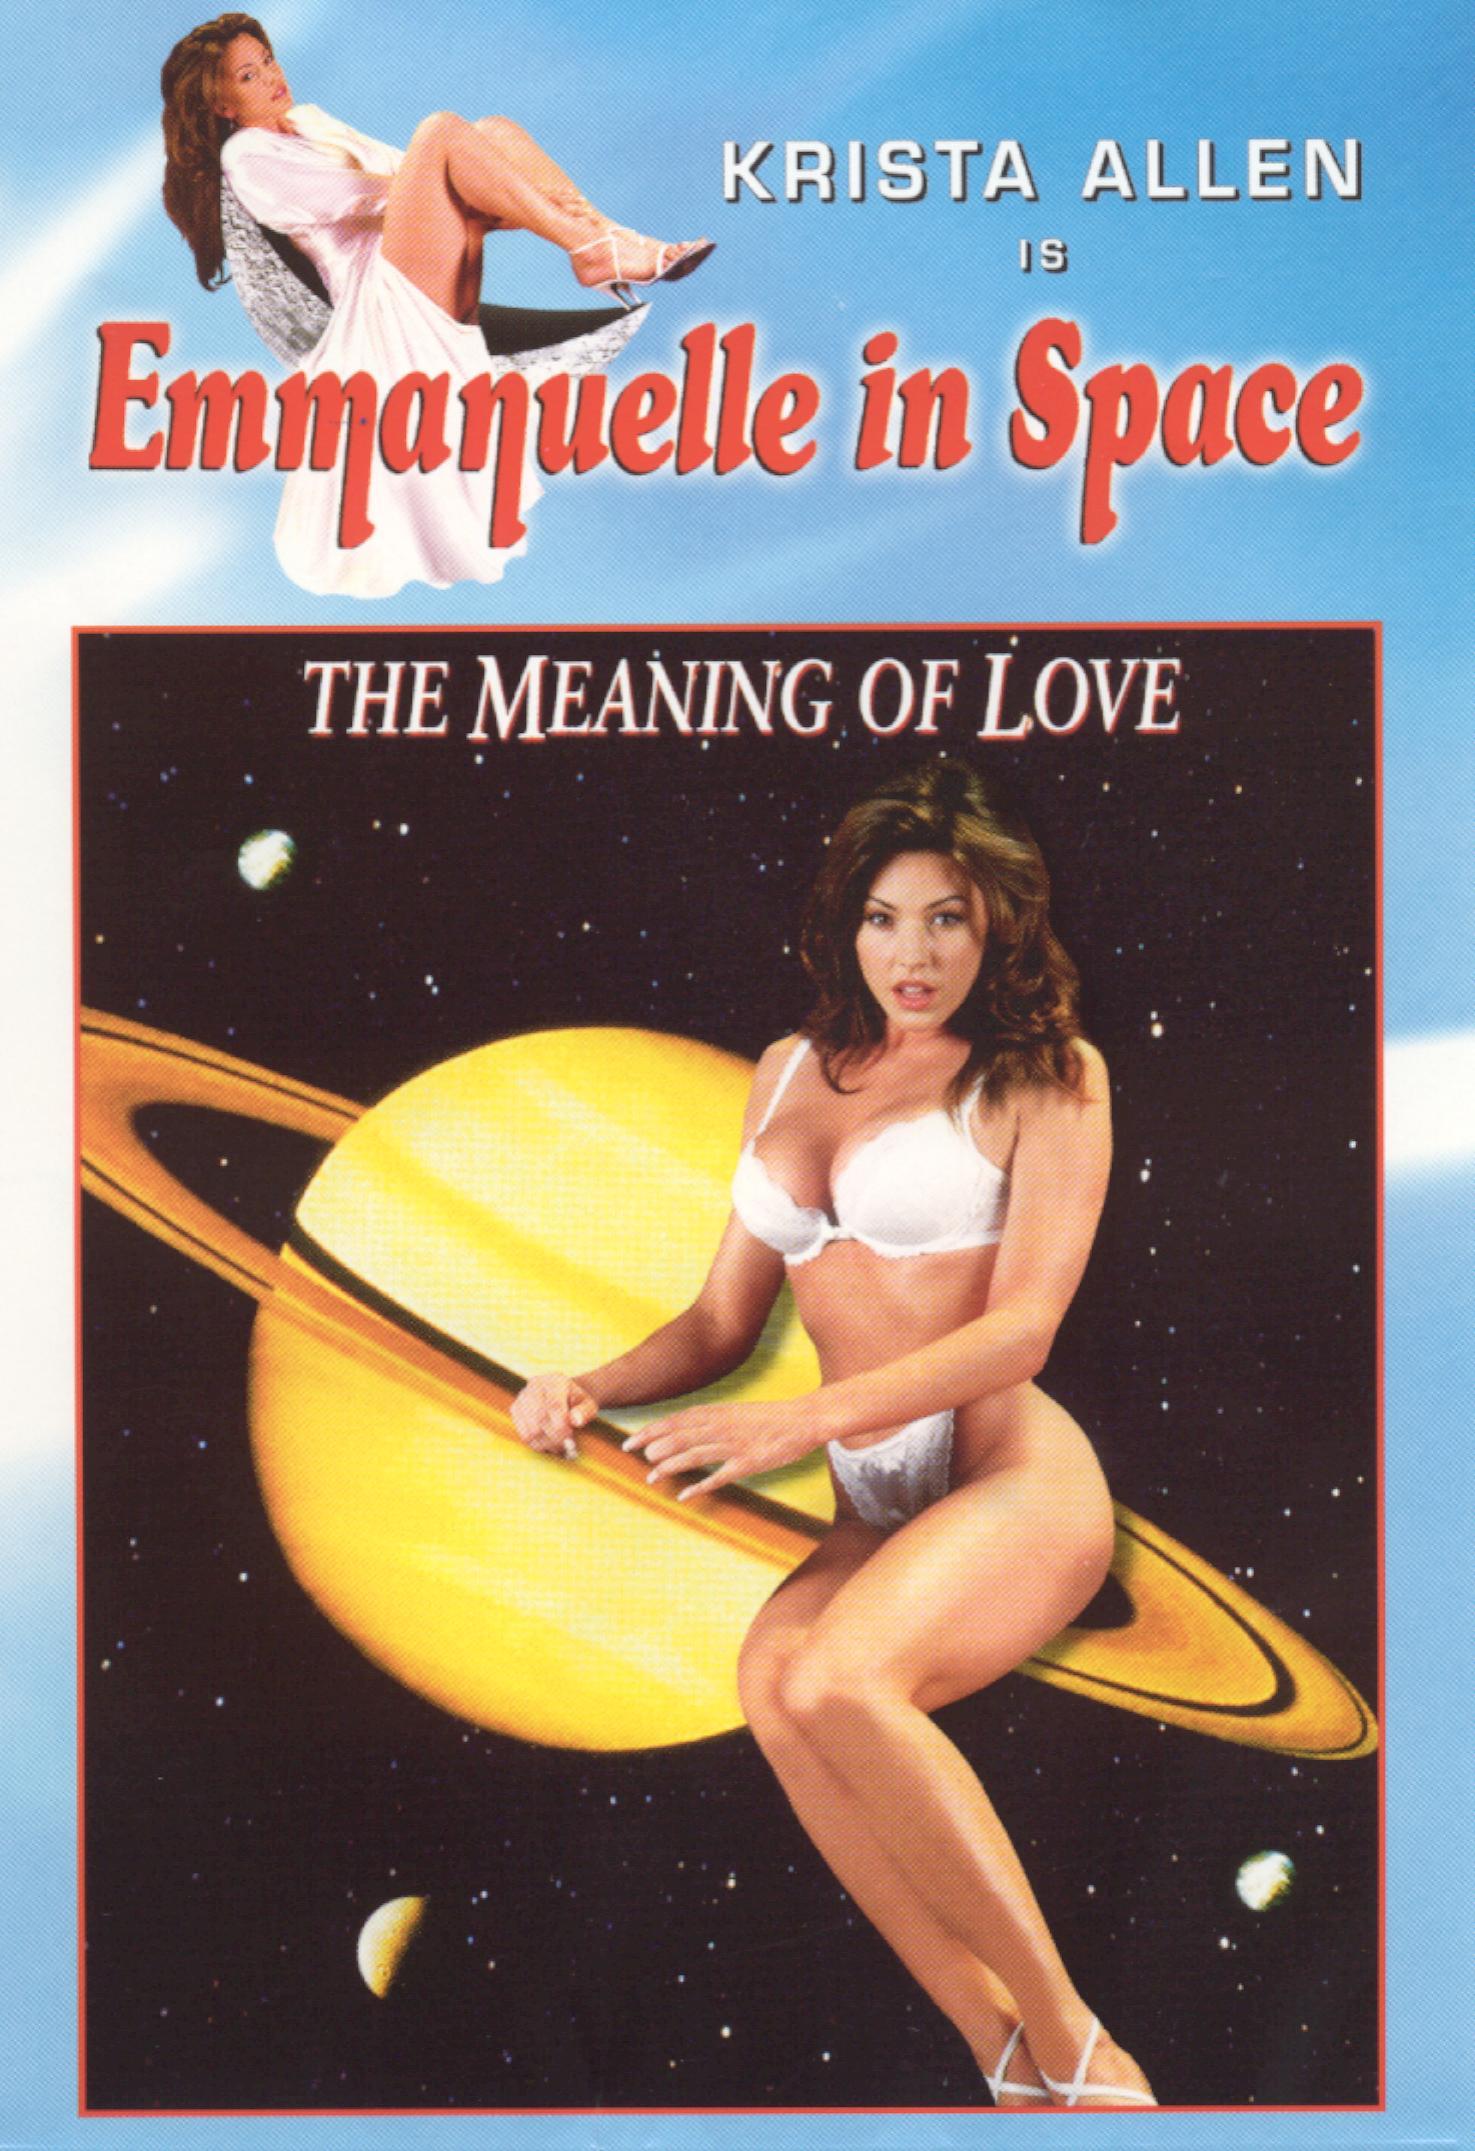 Эротика эммануэль в космосе 11 фотография